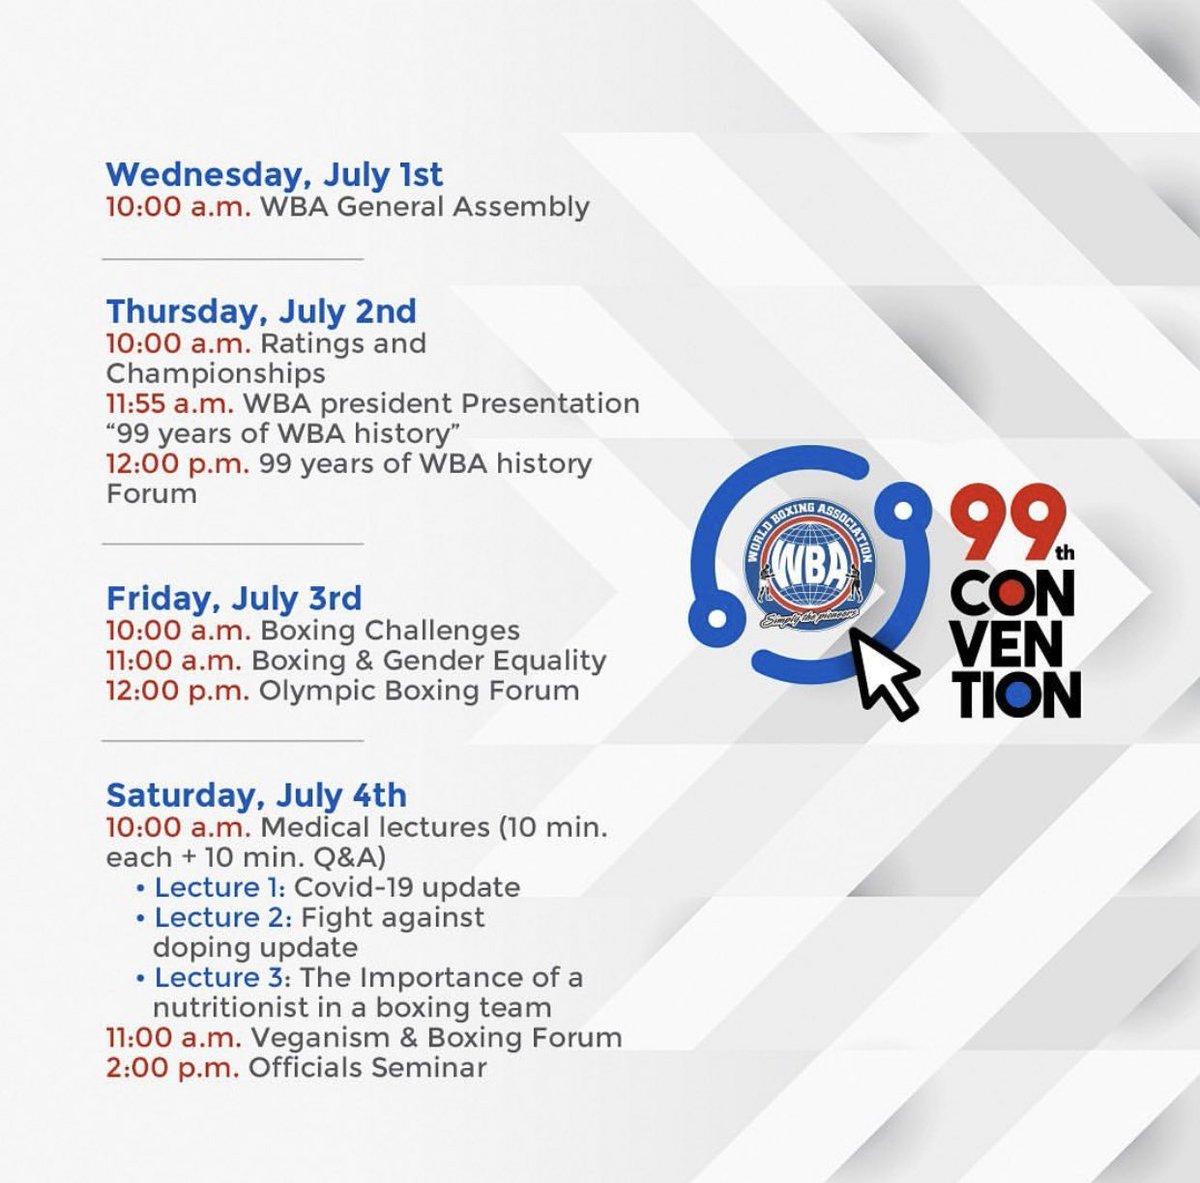 La Convención 99 de la AMB será inaugurada por la Asamblea